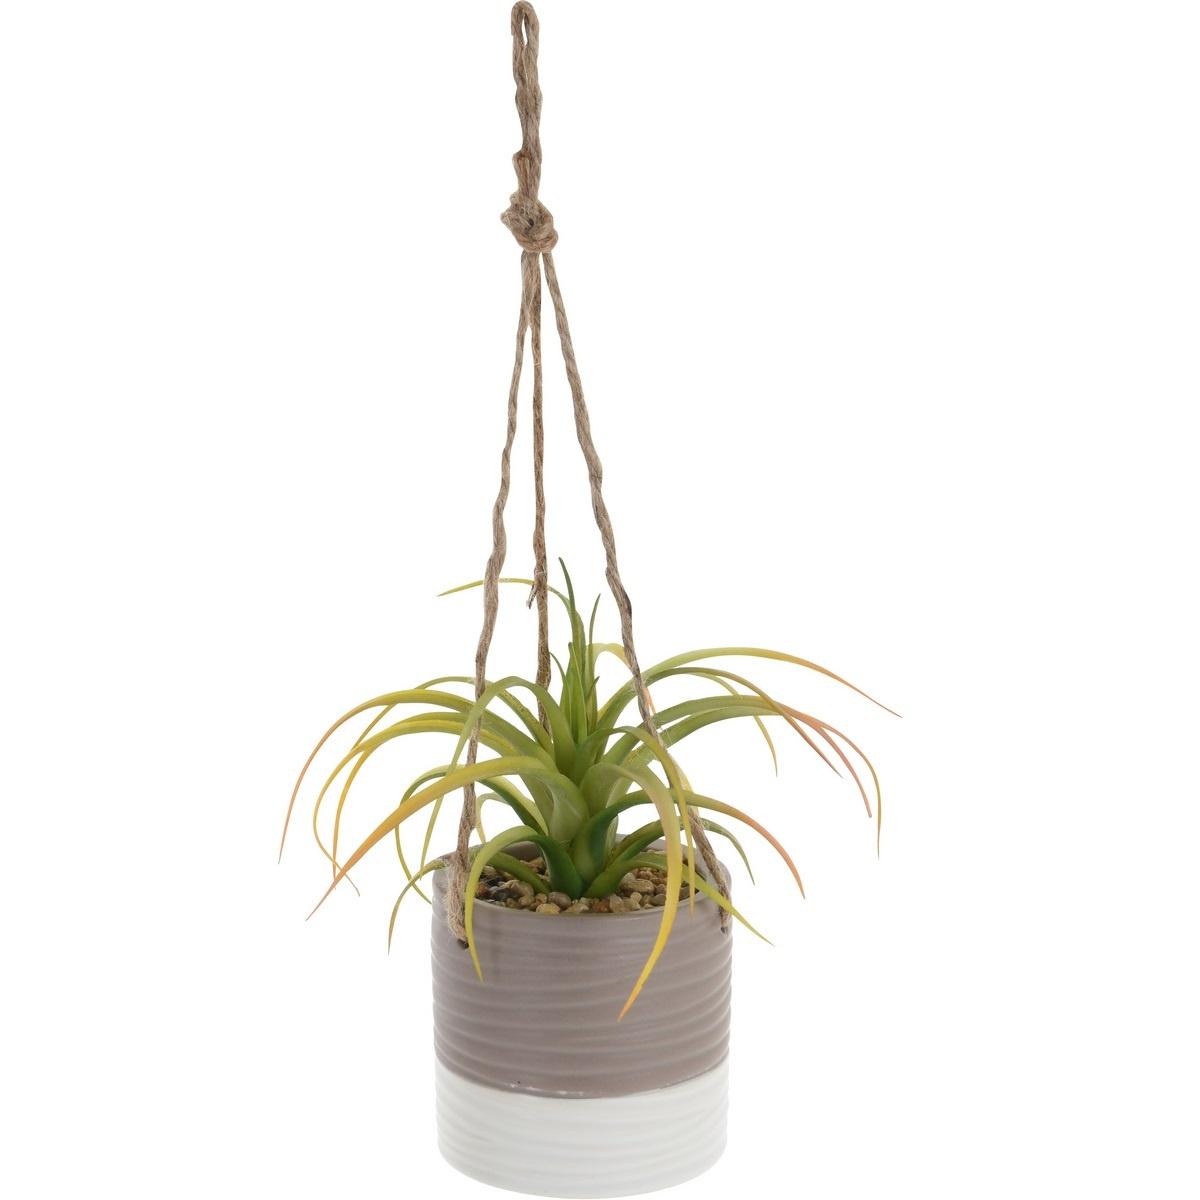 Koopman Umělá rostlina v závěsném květináči Tilda, 15 cm